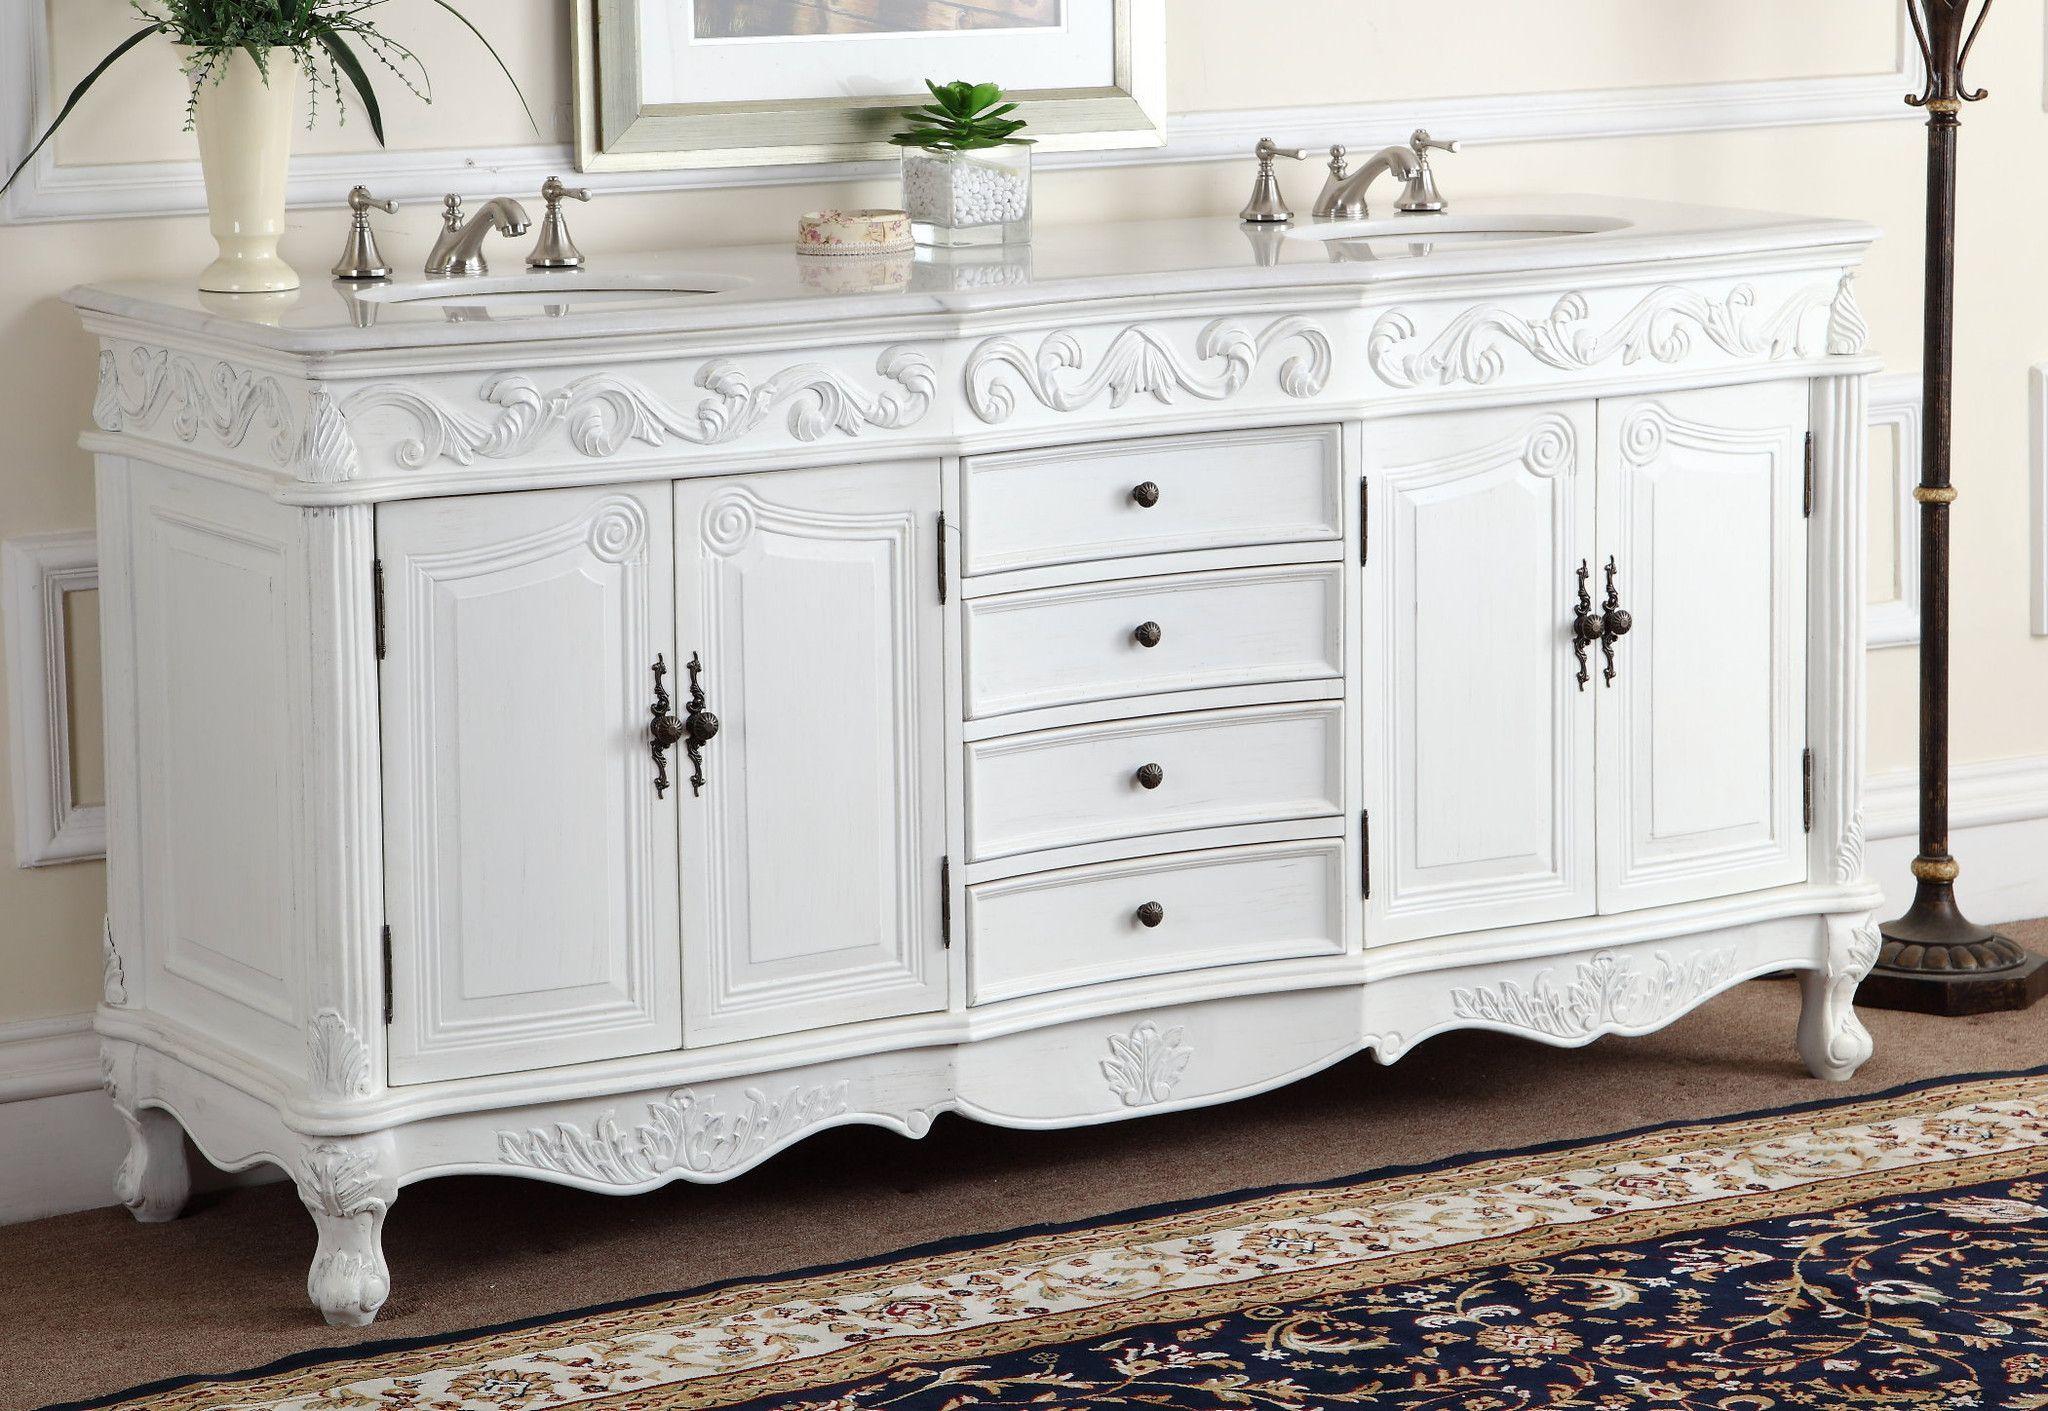 72 Antique White Double Sink Beckham Bathroom Vanity Cf 3882w Aw 72 Bathroom Vanity Bathroom Sink Vanity Vanity Sink